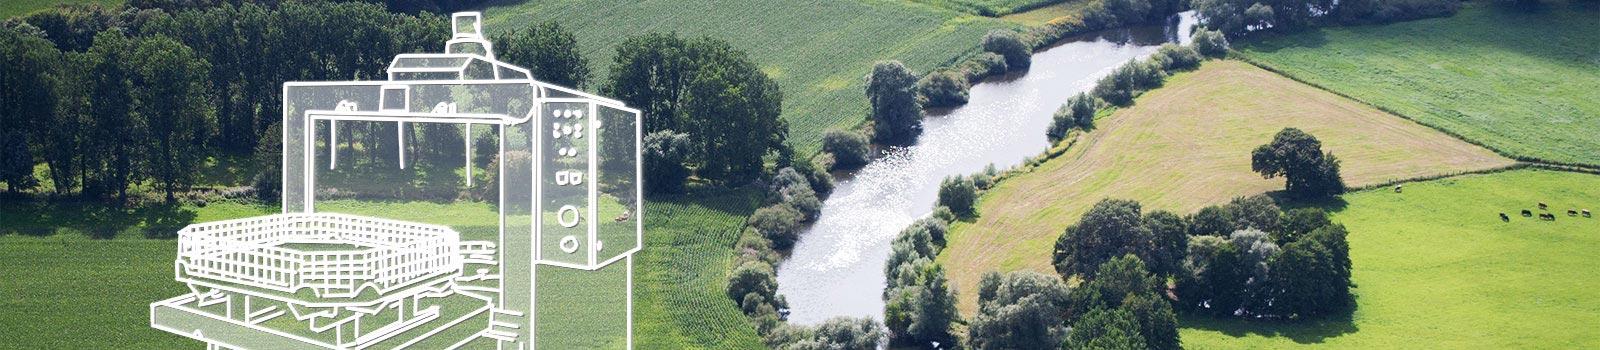 Flussgabelung der Ems im Emsland, der historischen Gründungsregion von BvL